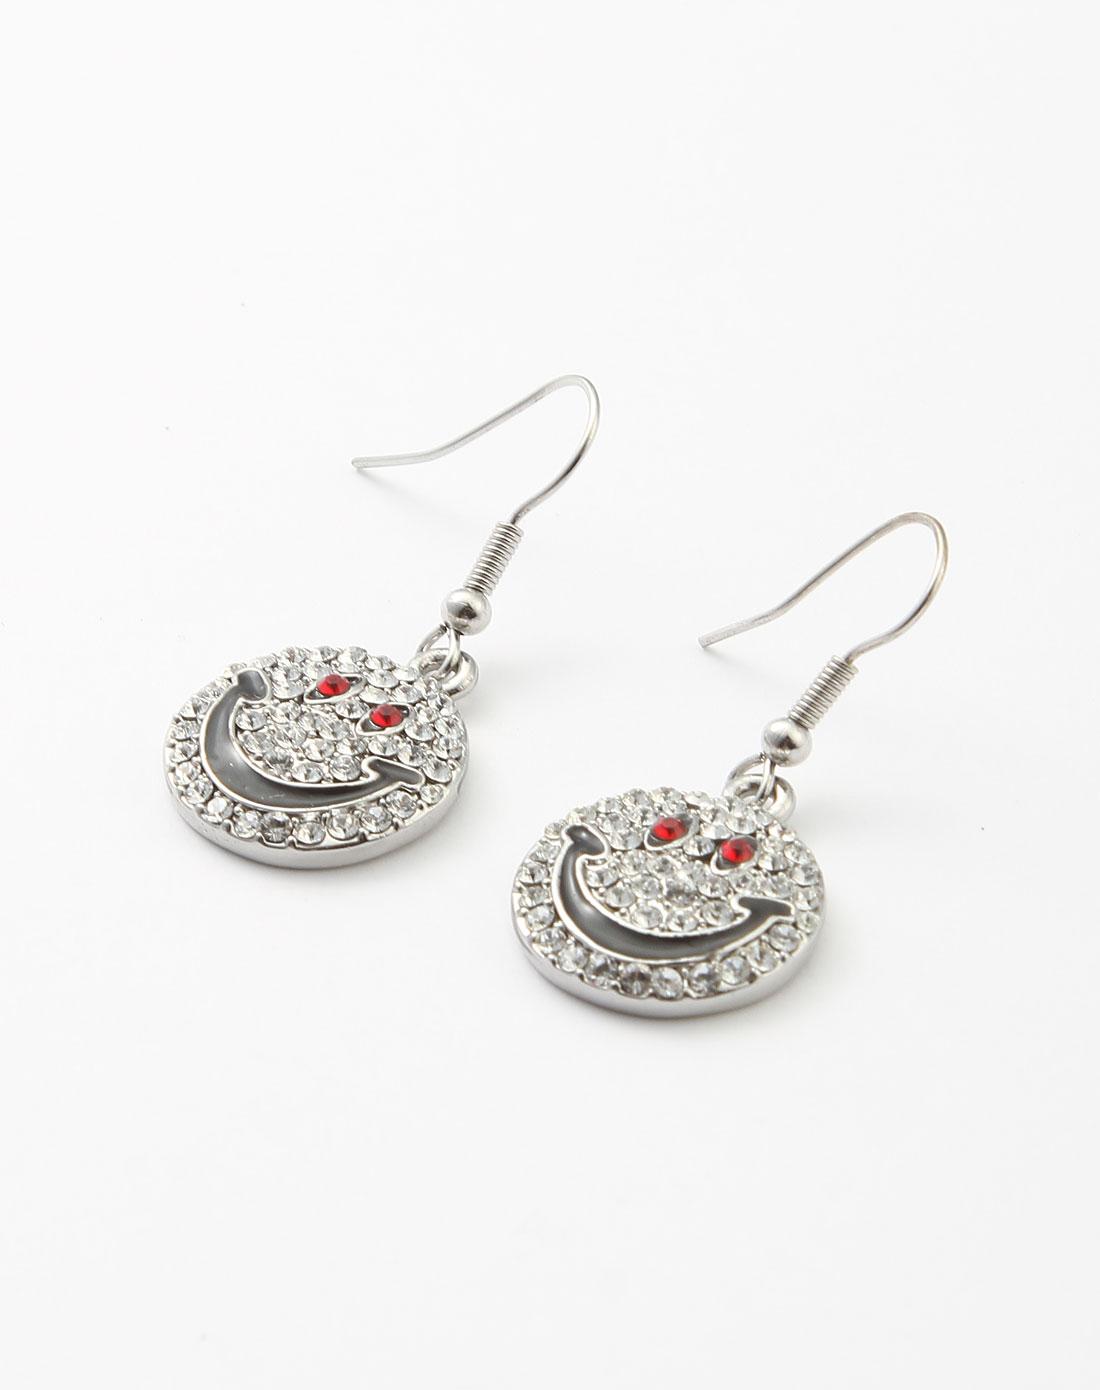 iruby饰品专场-银色心情物语可爱耳环